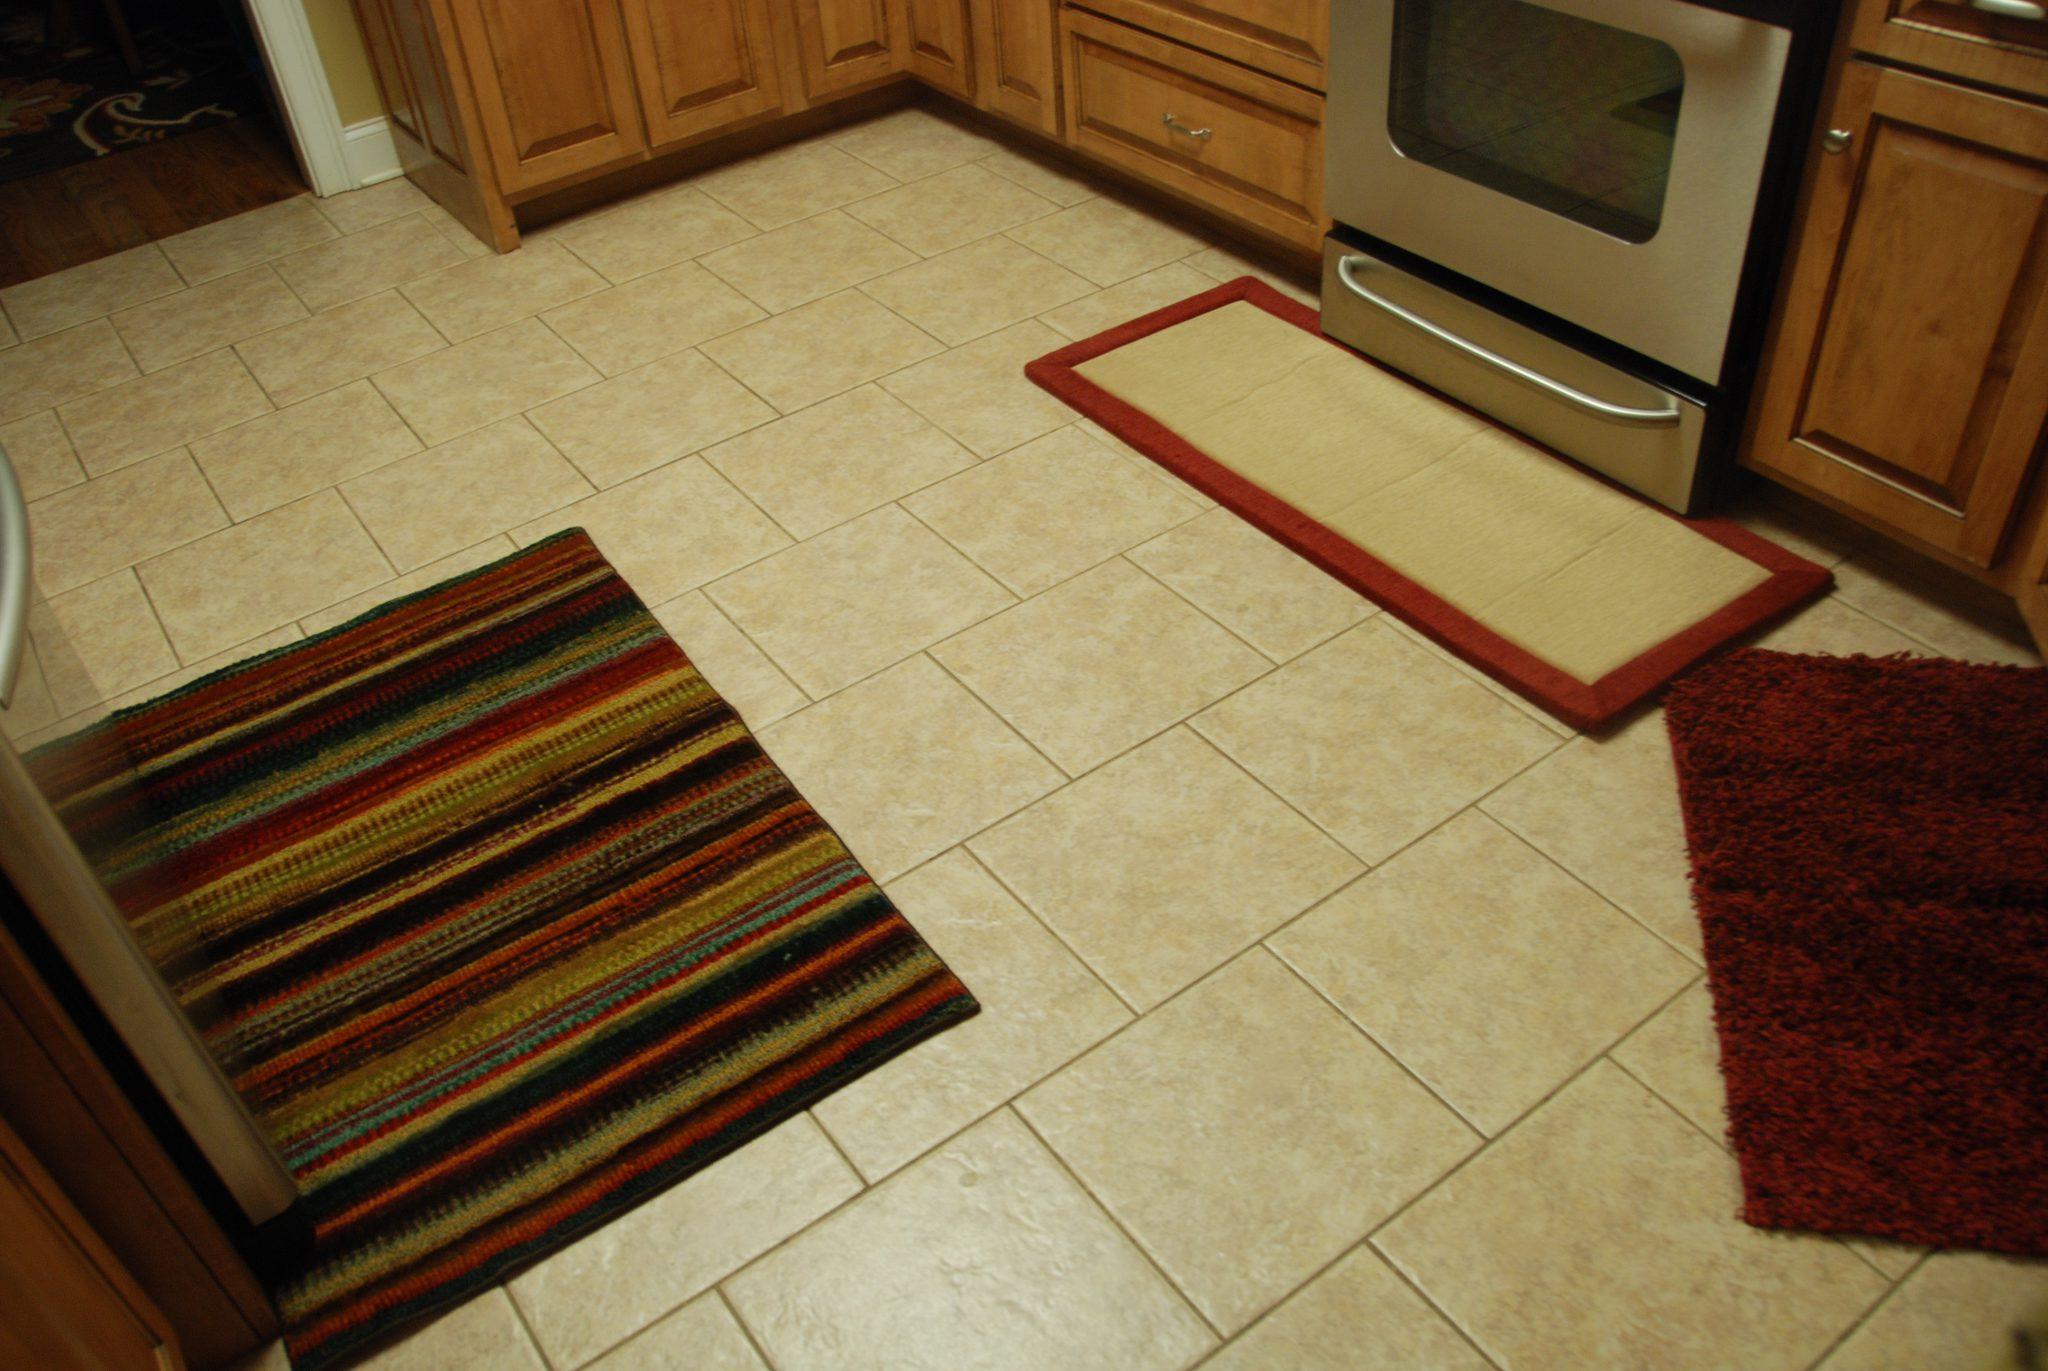 Memory Foam Rugs By Mohawk Home